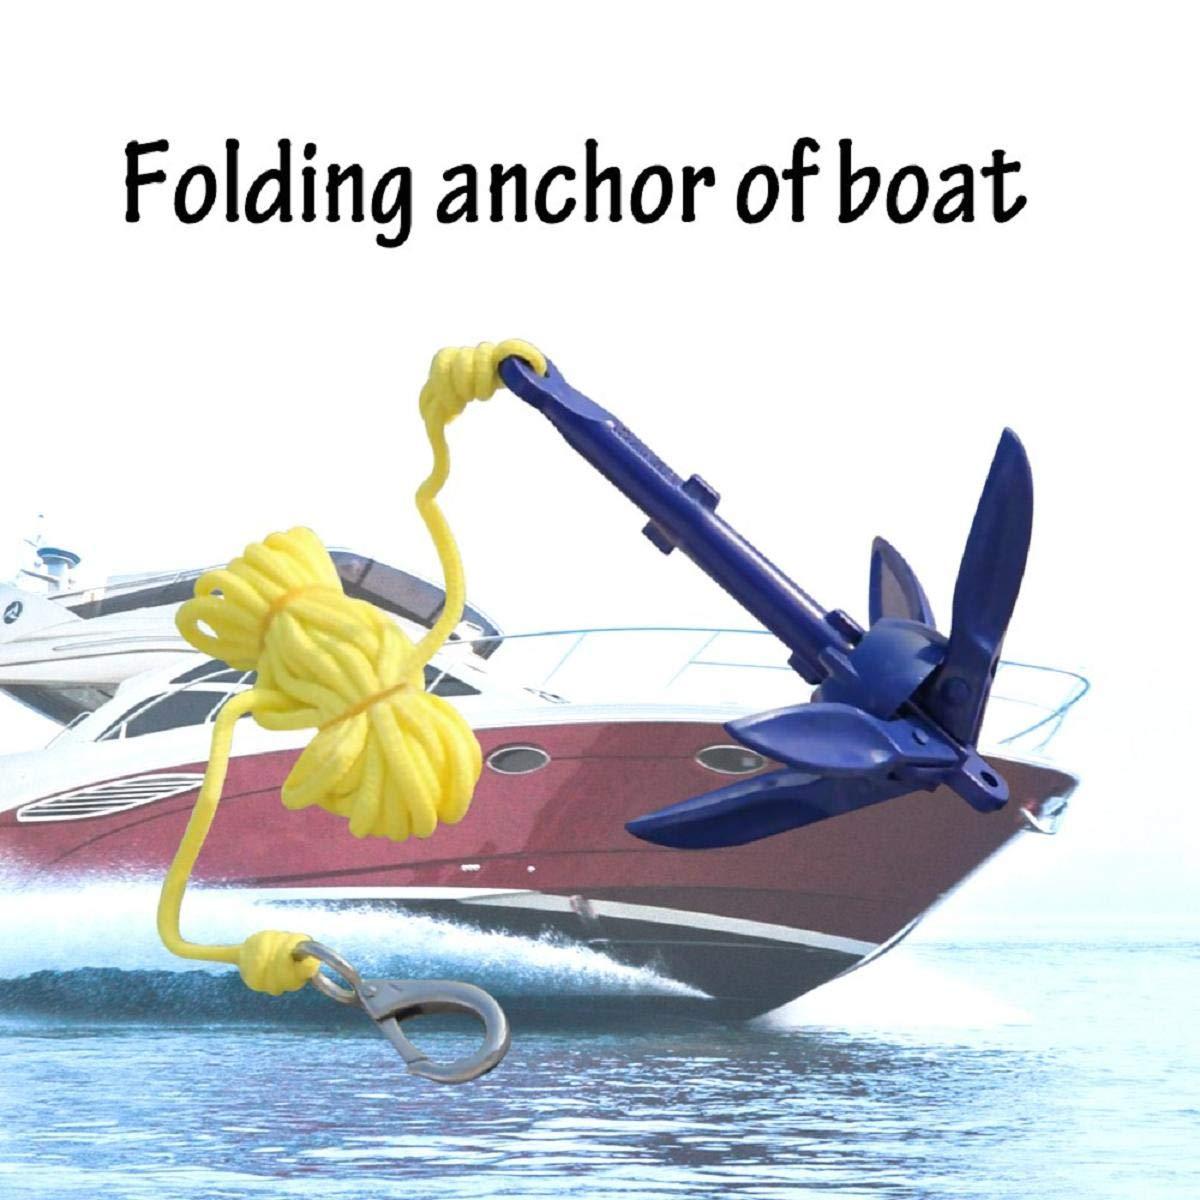 7x6.3 Pollici Kit di Ancoraggio Pieghevole INC 6.m Linea e marcatura Vaycally 1PCS Kit Cinghie di Ancoraggio Compatto Kit Corda di Ancoraggio per Corda Canoe Kayak Barche a Vela 18x16 cm